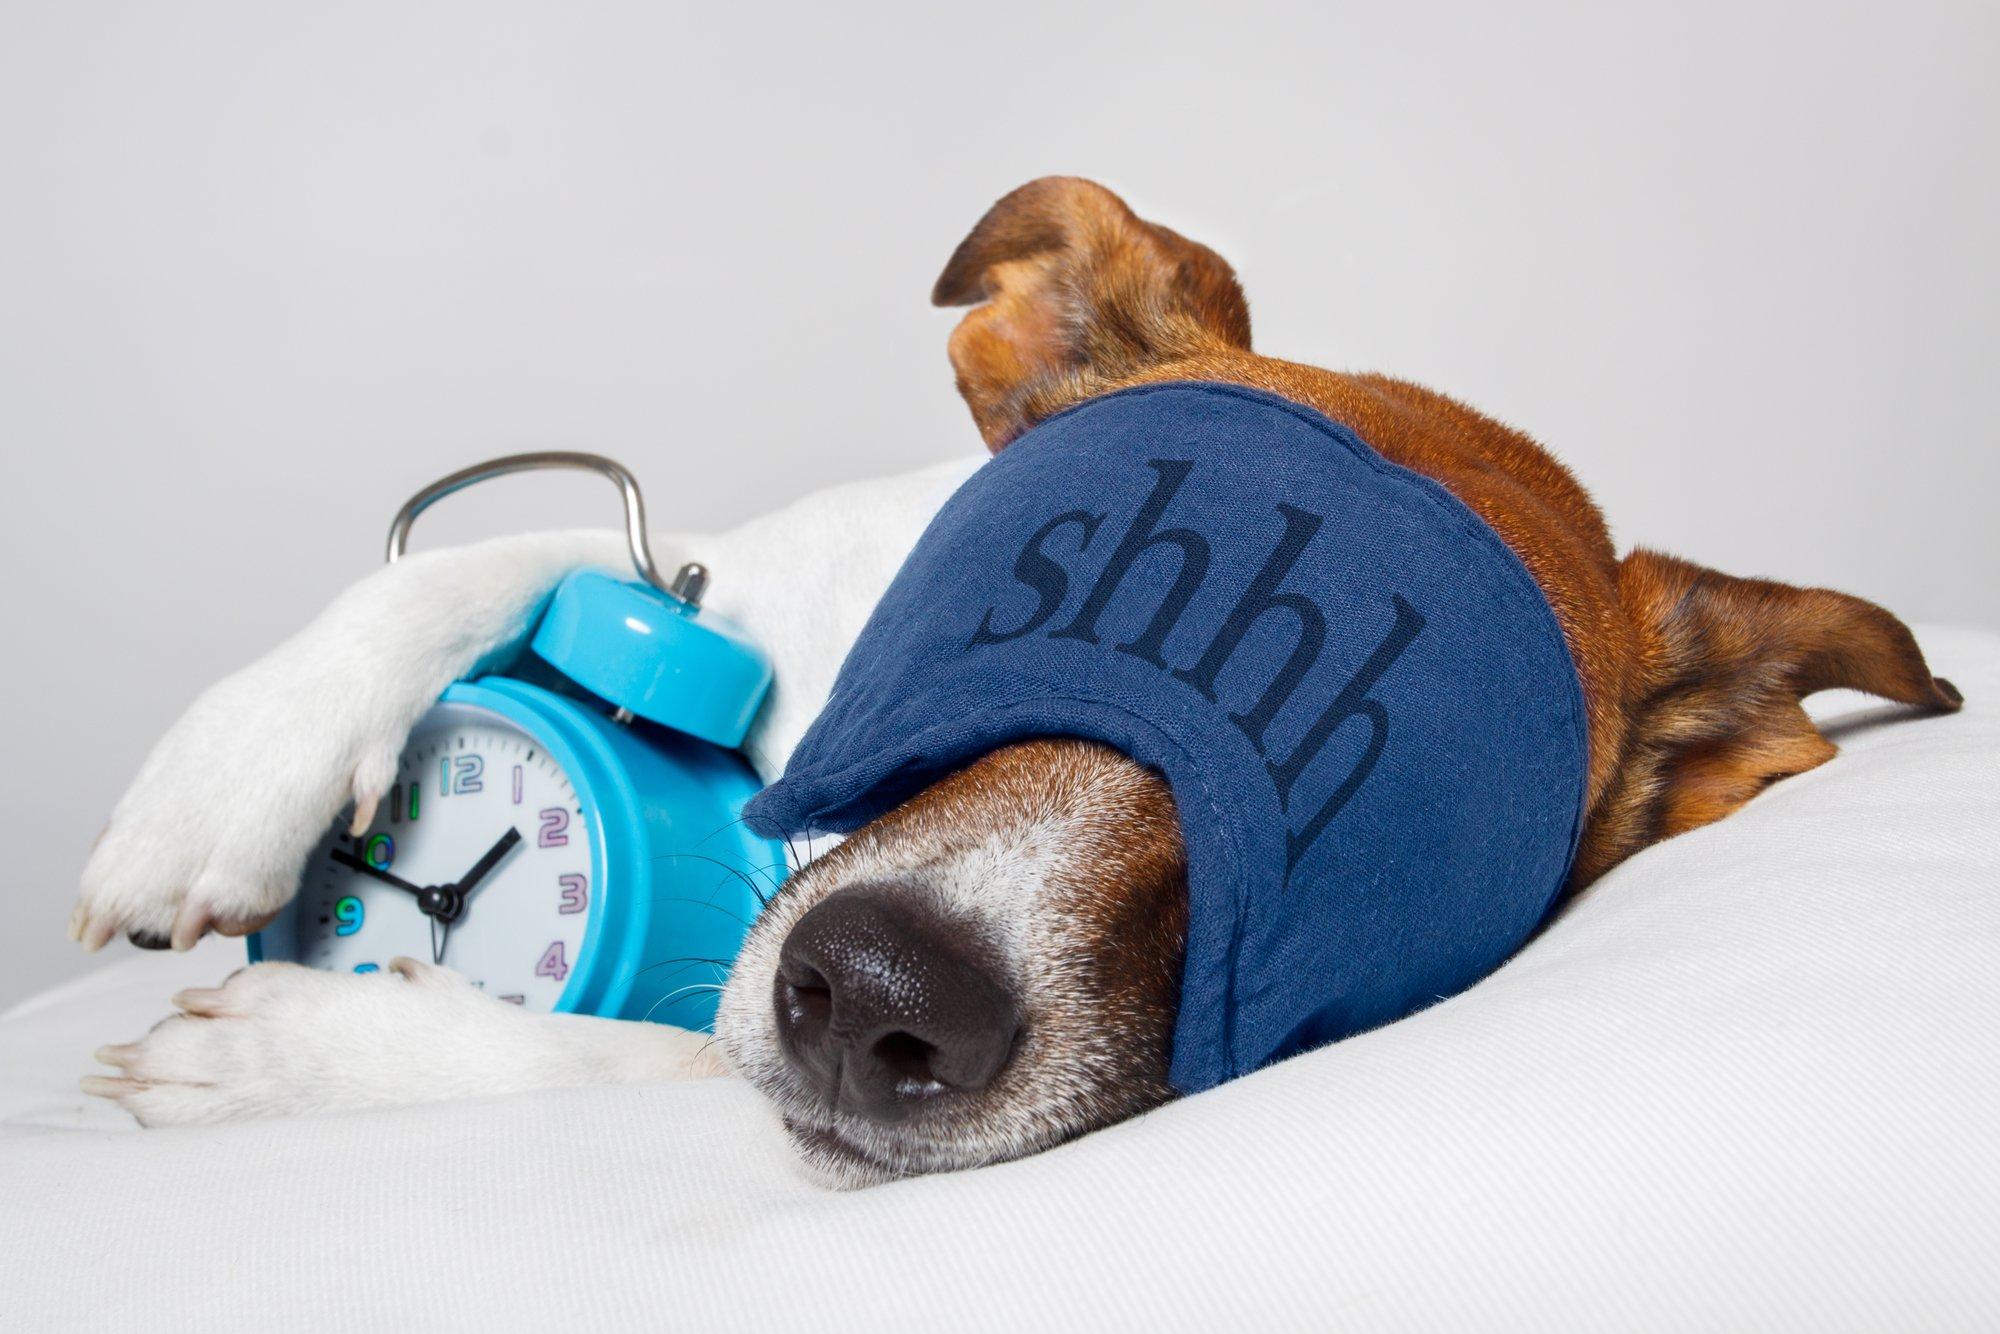 Dog sleeping with alarm clock and sleeping mask-1